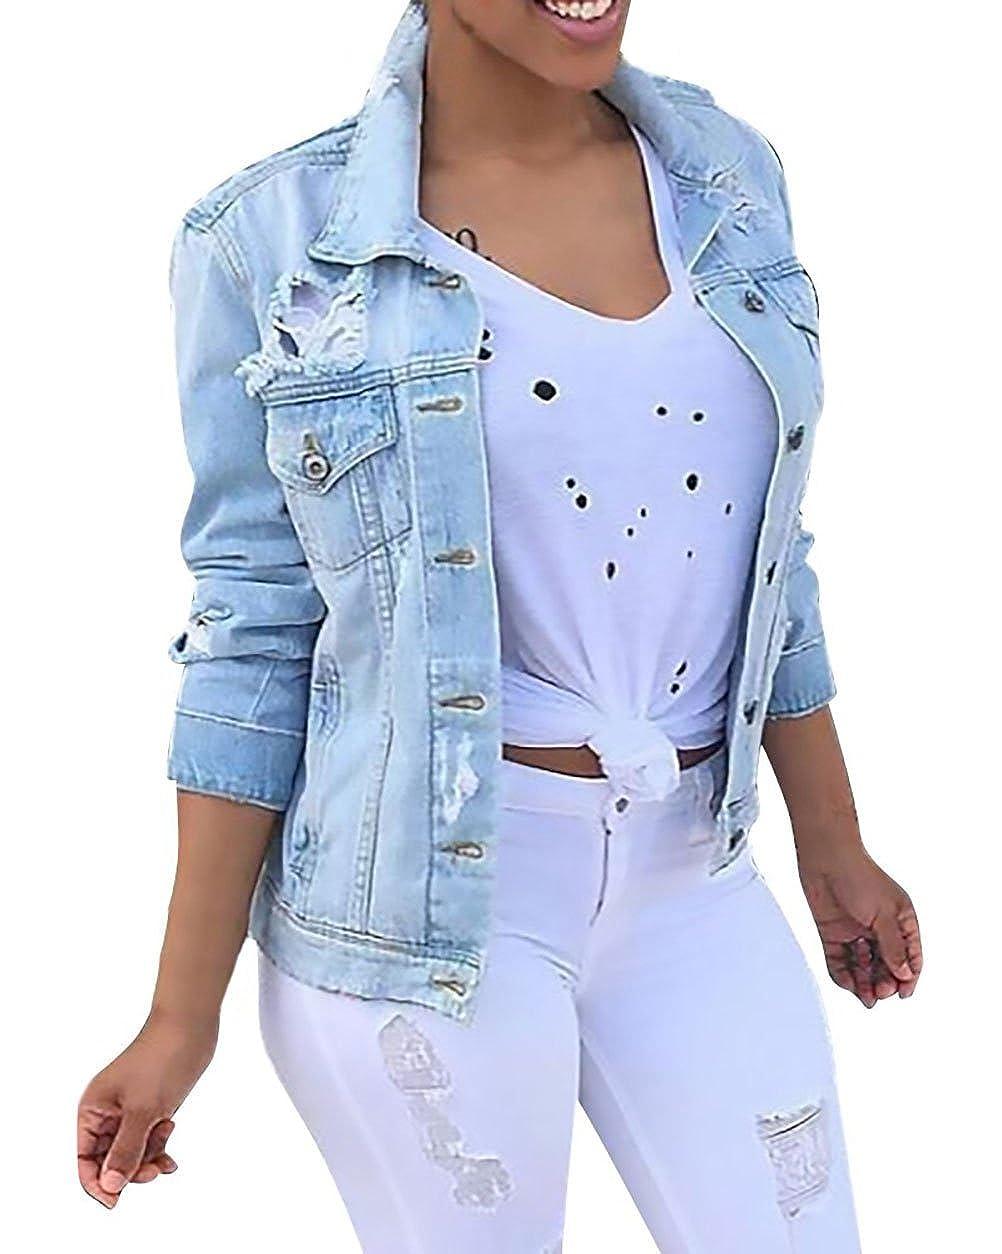 b12ece40ea Giacca Donna Jeans Taglie Forti Corta Elegante Azzurro Giacche Di ...